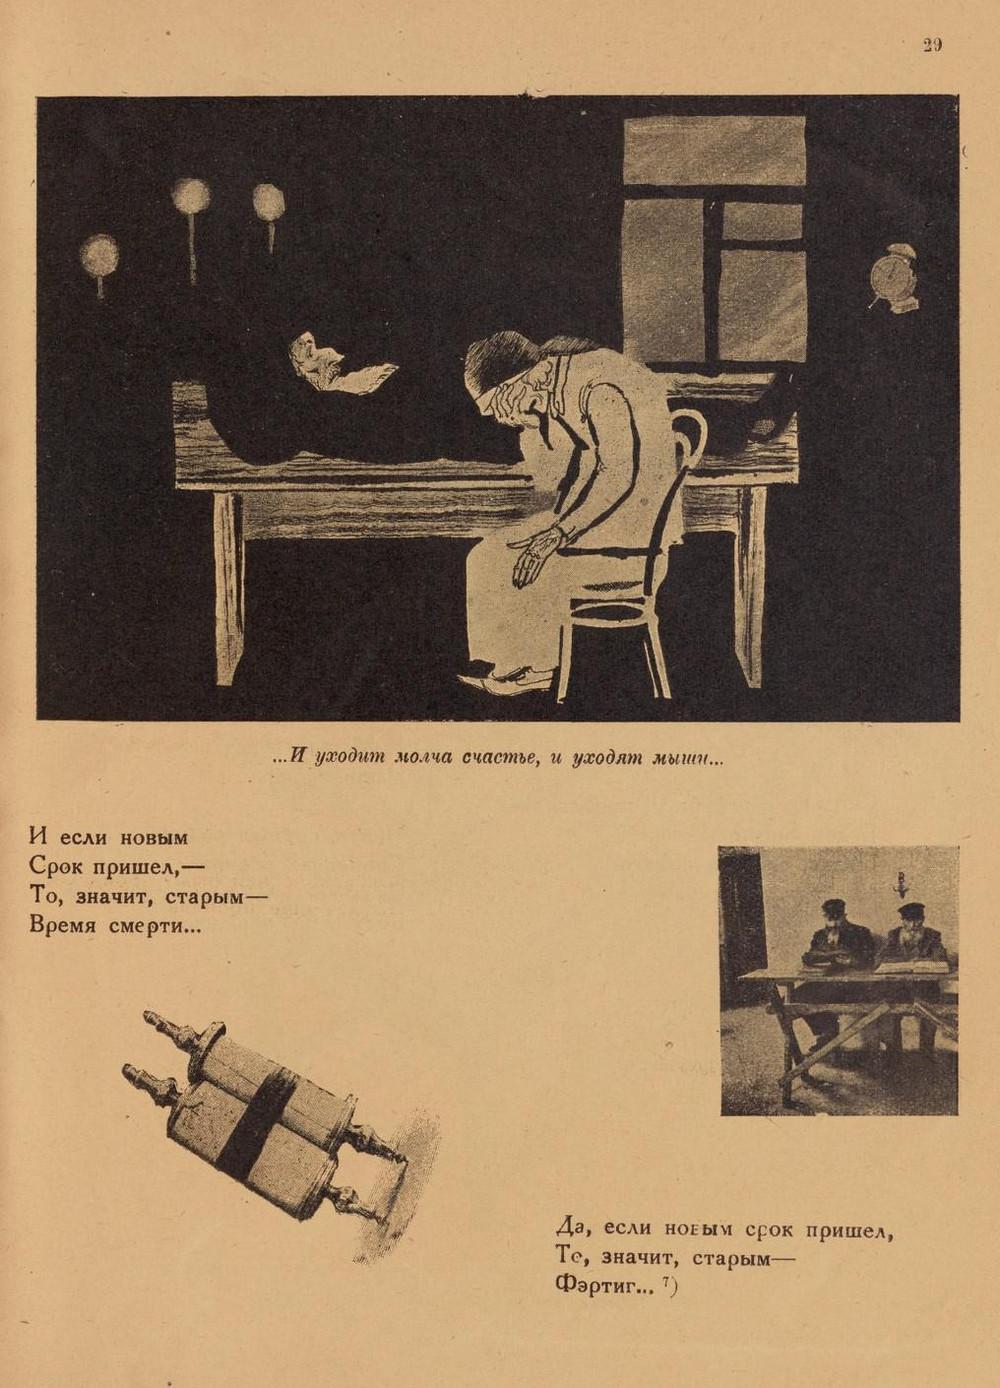 «Повесть о рыжем Мотэле, господине инспекторе, раввине Иссайе и комиссаре Блох» (1926 год) 27